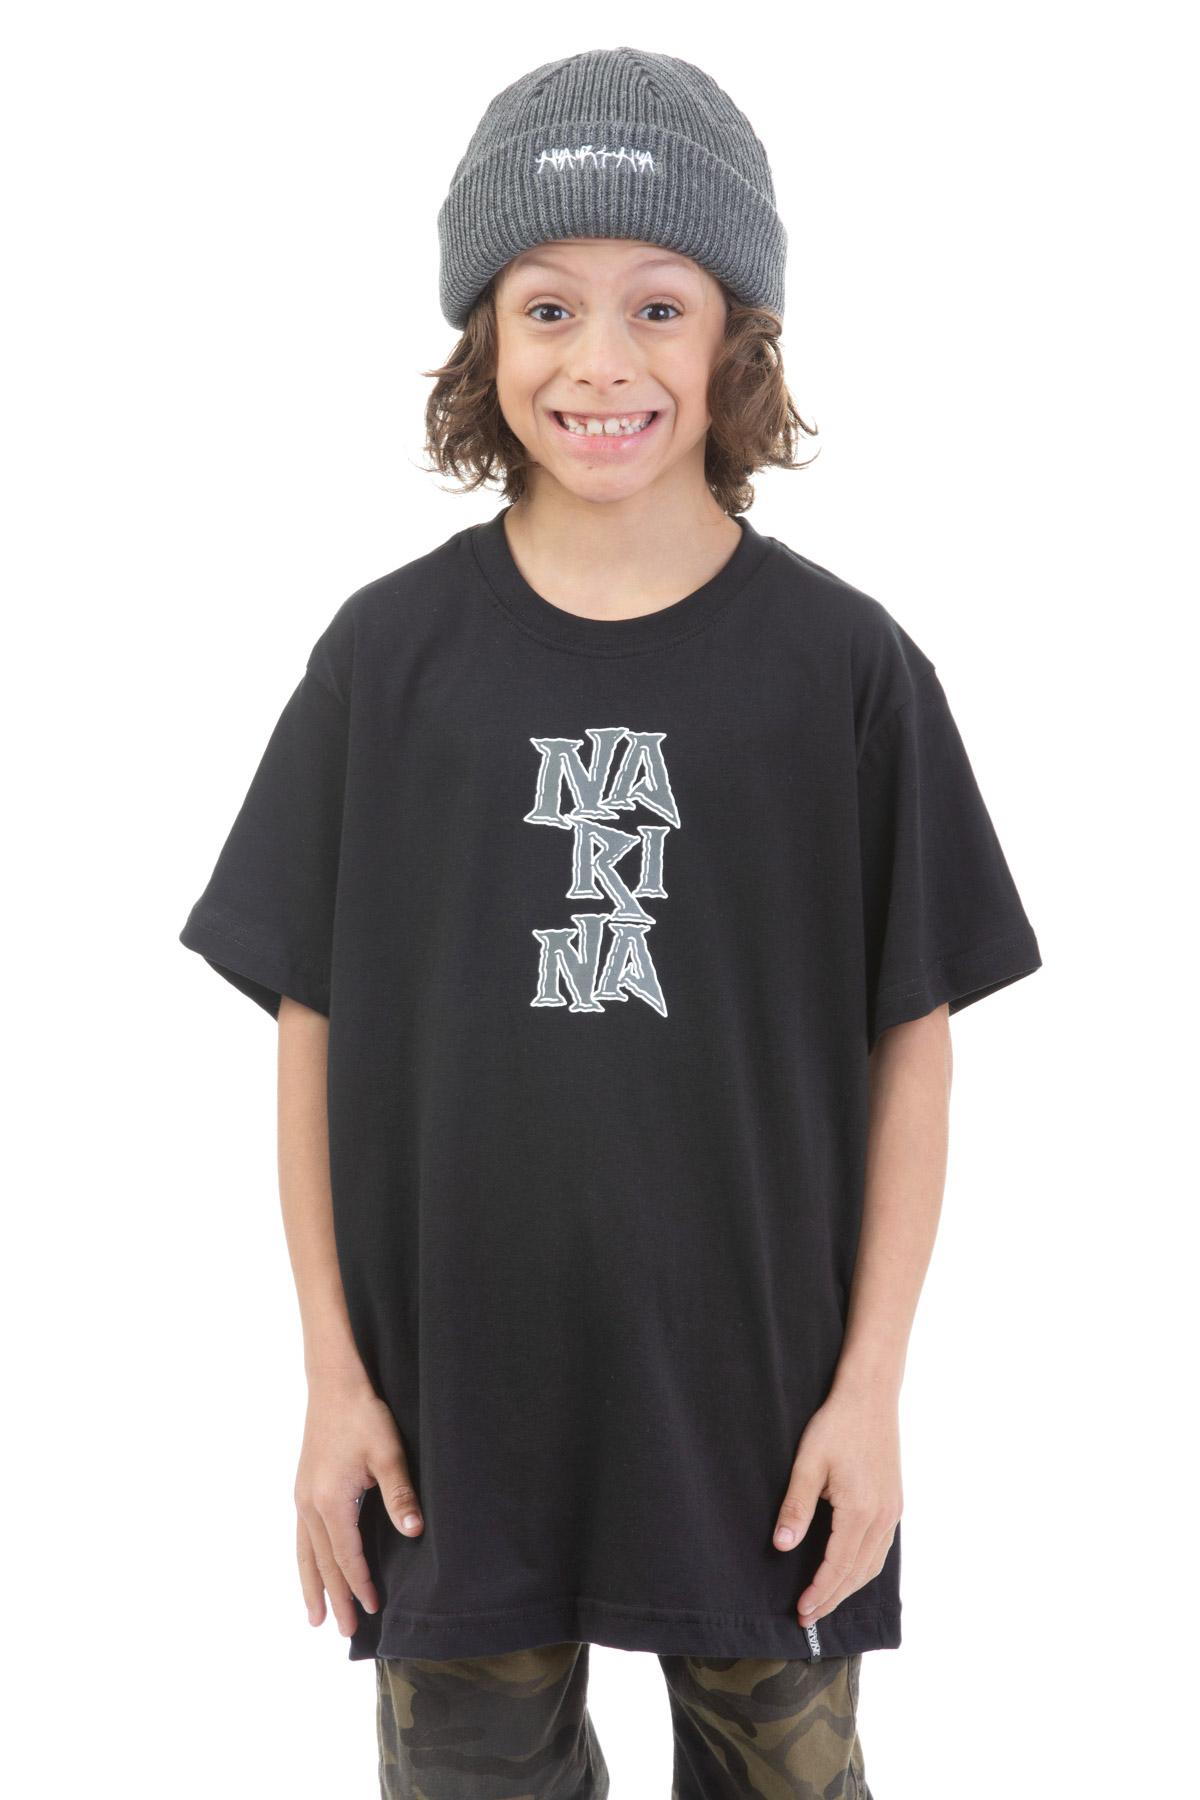 Camiseta Manga Curta Juvenil Narina Skate Logo 2